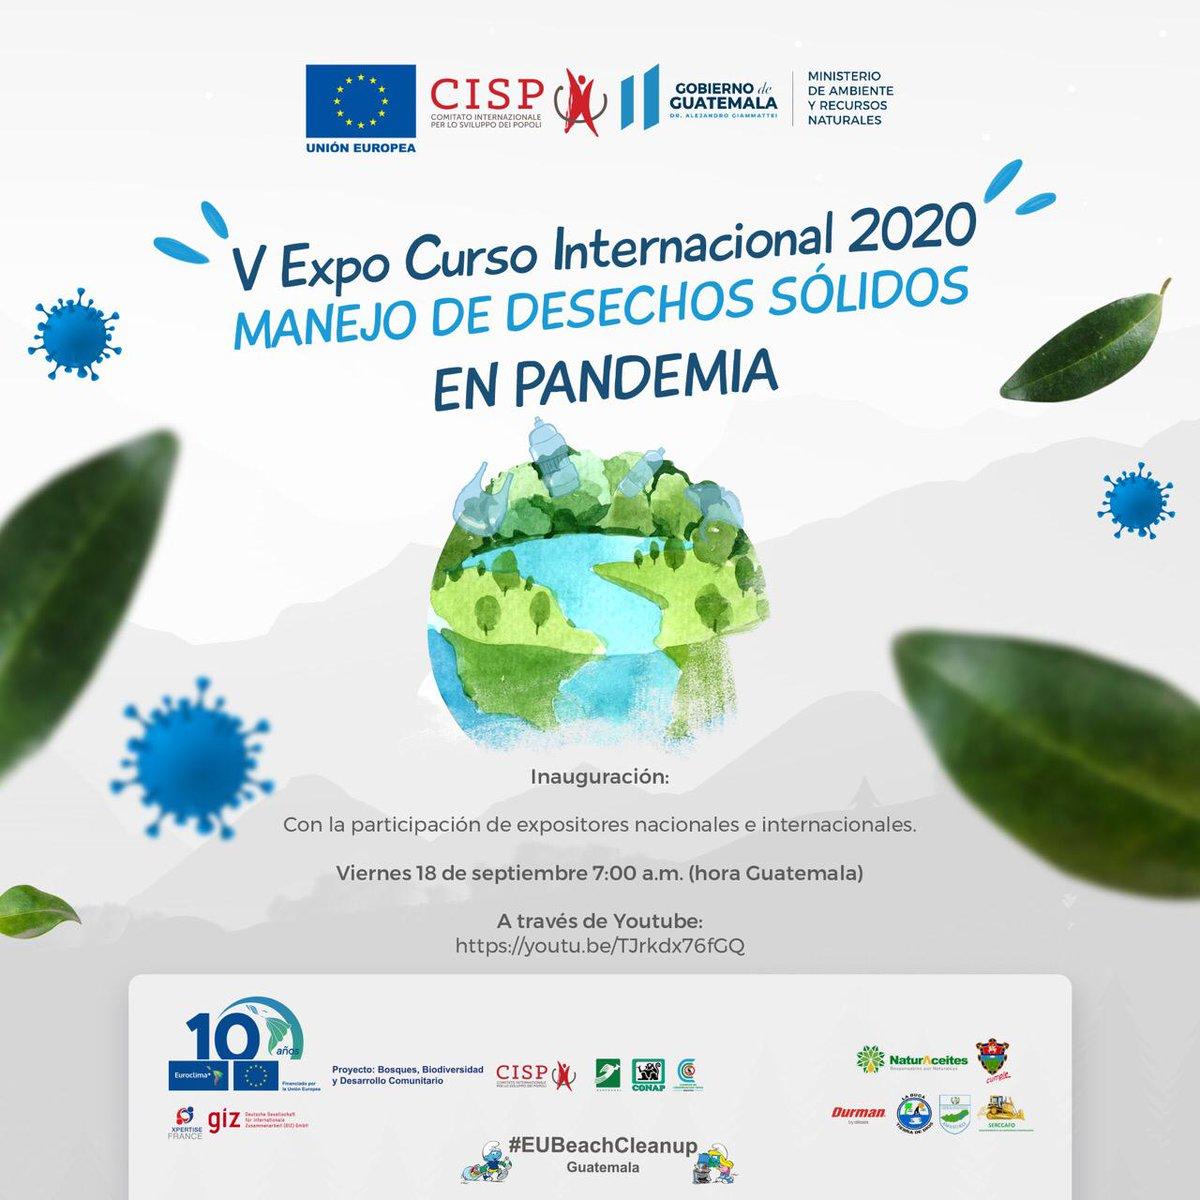 """Estamos inaugurando el taller """"Manejo de desechos sólidos en la ciudad de Guatemala en pandemia"""" organizado en conjunto con """"Bosques, Biodiversidad y Desarrollo Comunitario"""" @EUROCLIMA_UE_AL en el marco de la campaña global UE #EUBeachCleanUp en vivo📲https://t.co/ZfKac0Tlv8 https://t.co/kHZBRJES1y"""